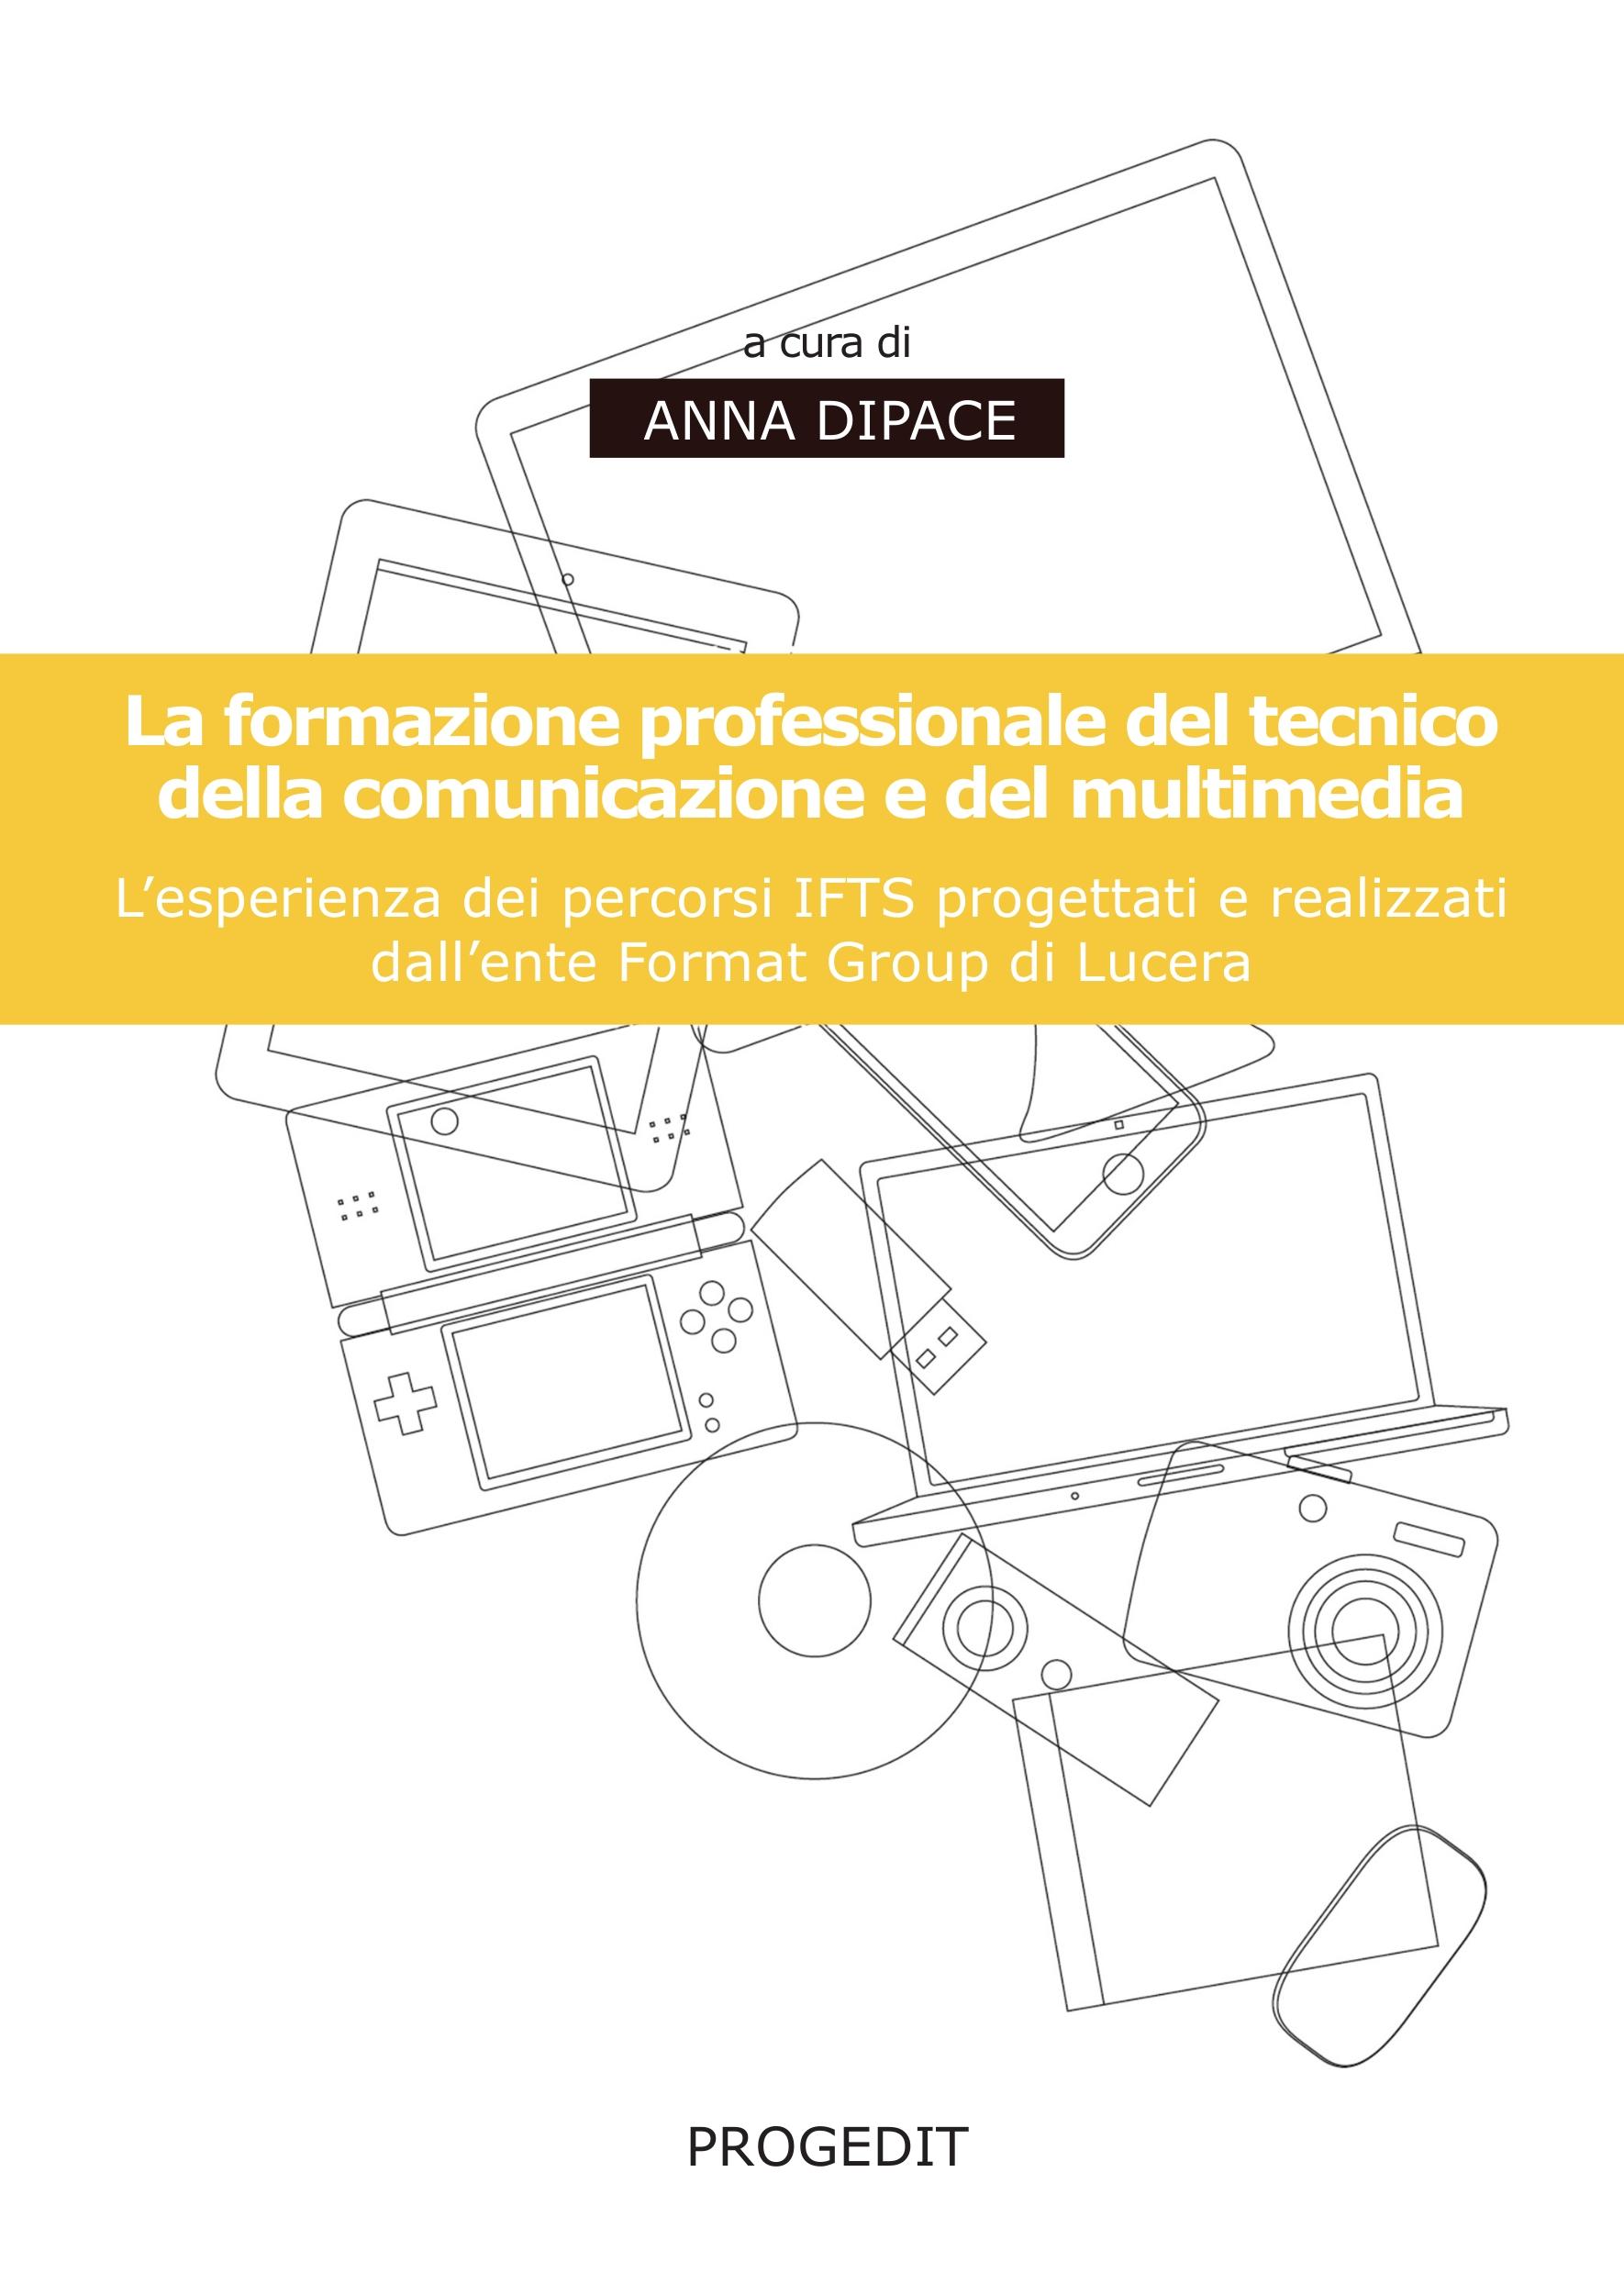 La formazione professionale del tecnico della comunicazione e del multimedia